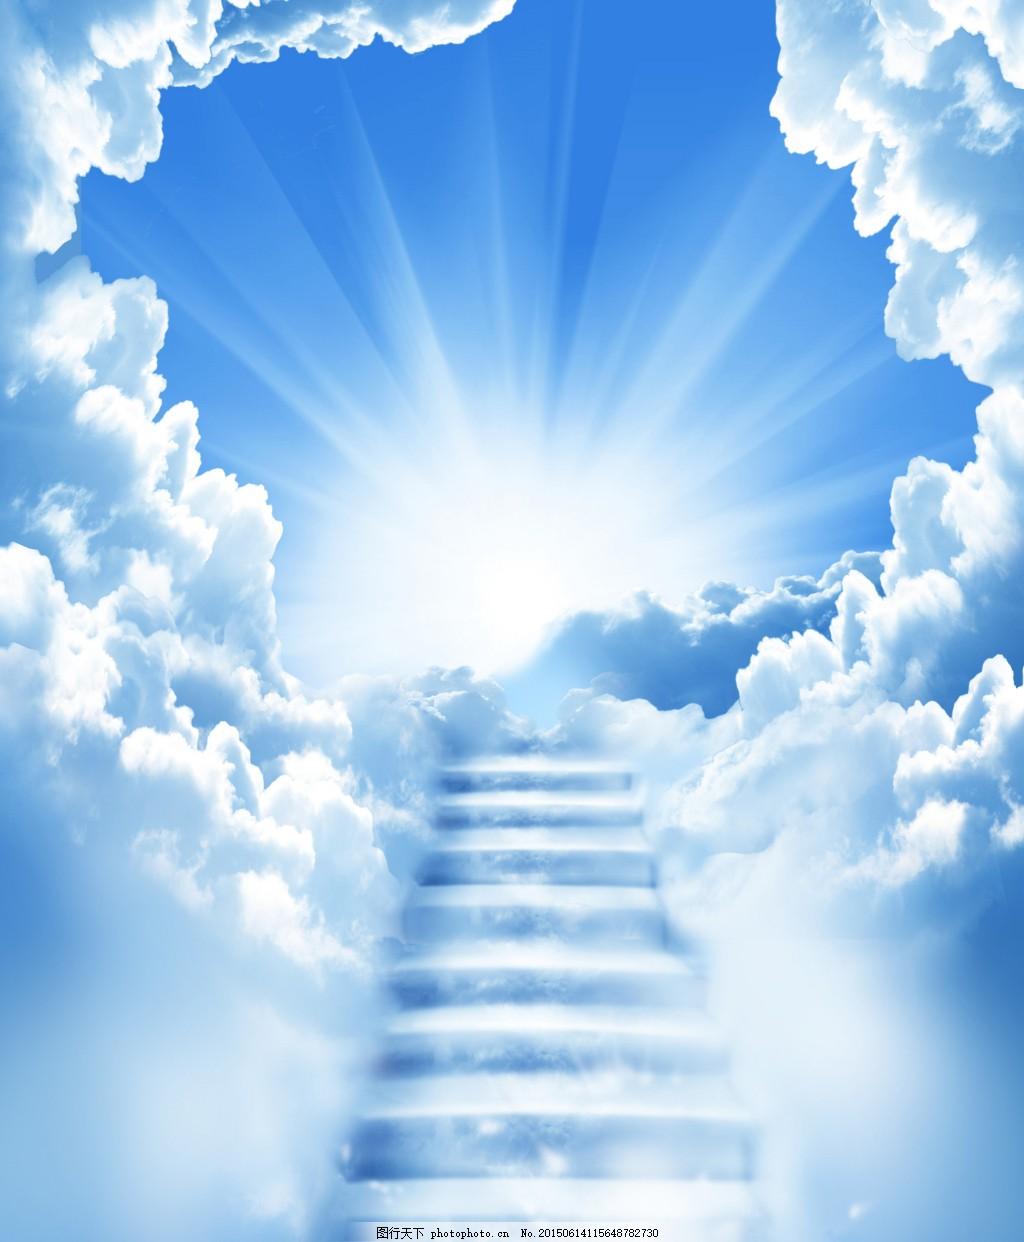 阶梯 台阶 美丽风景 蓝天 天空 白云 蓝天白云 阳光 光     白色 jpg